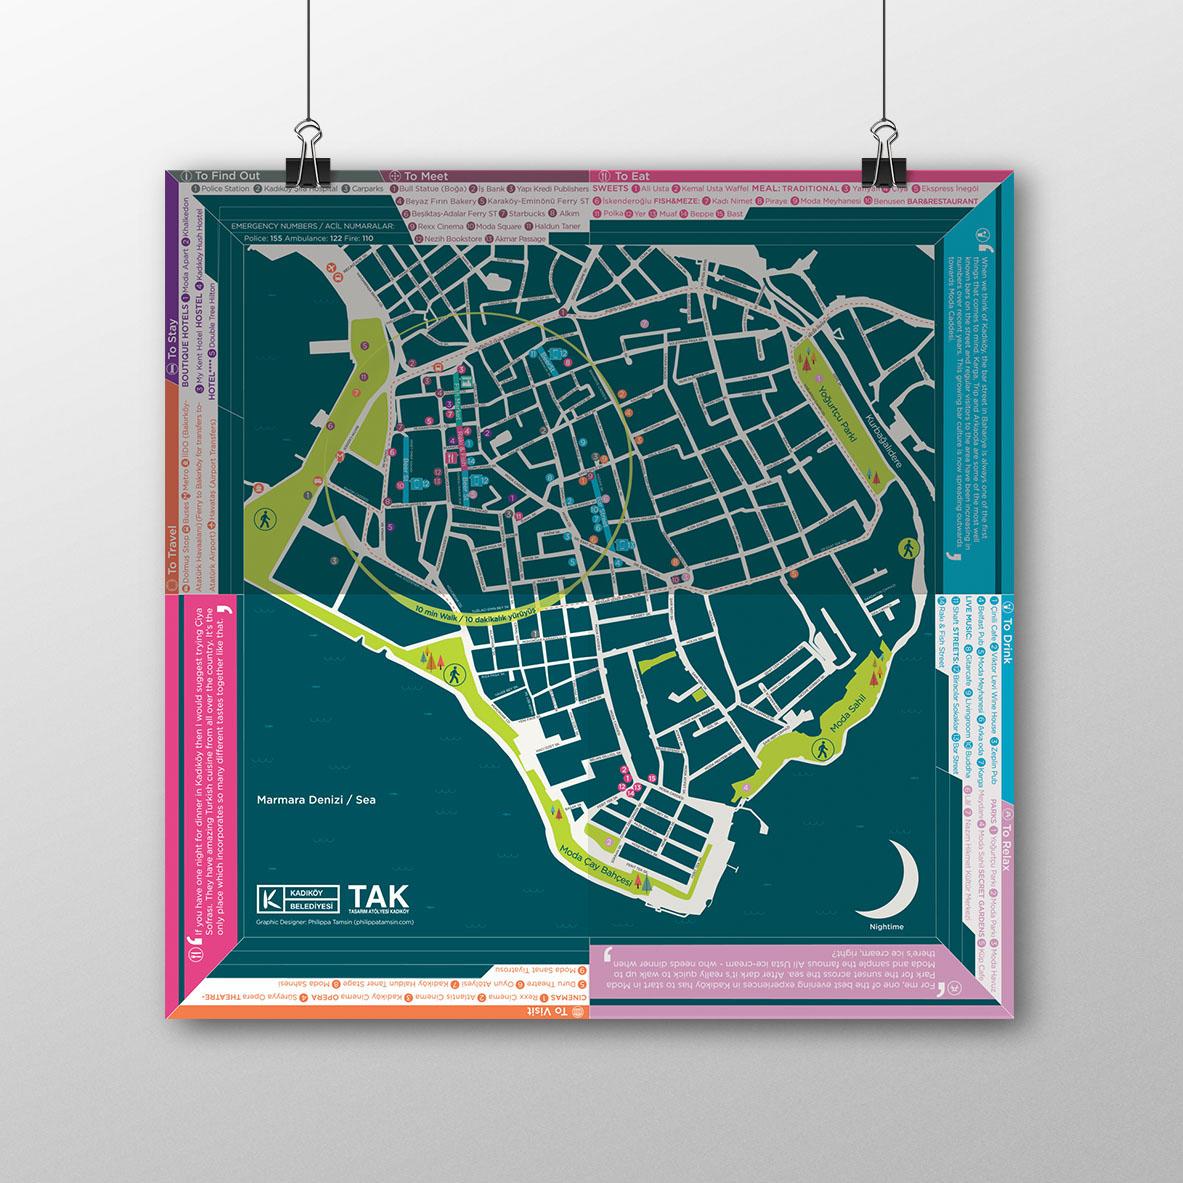 Kadikoy Belediye Map on Behance